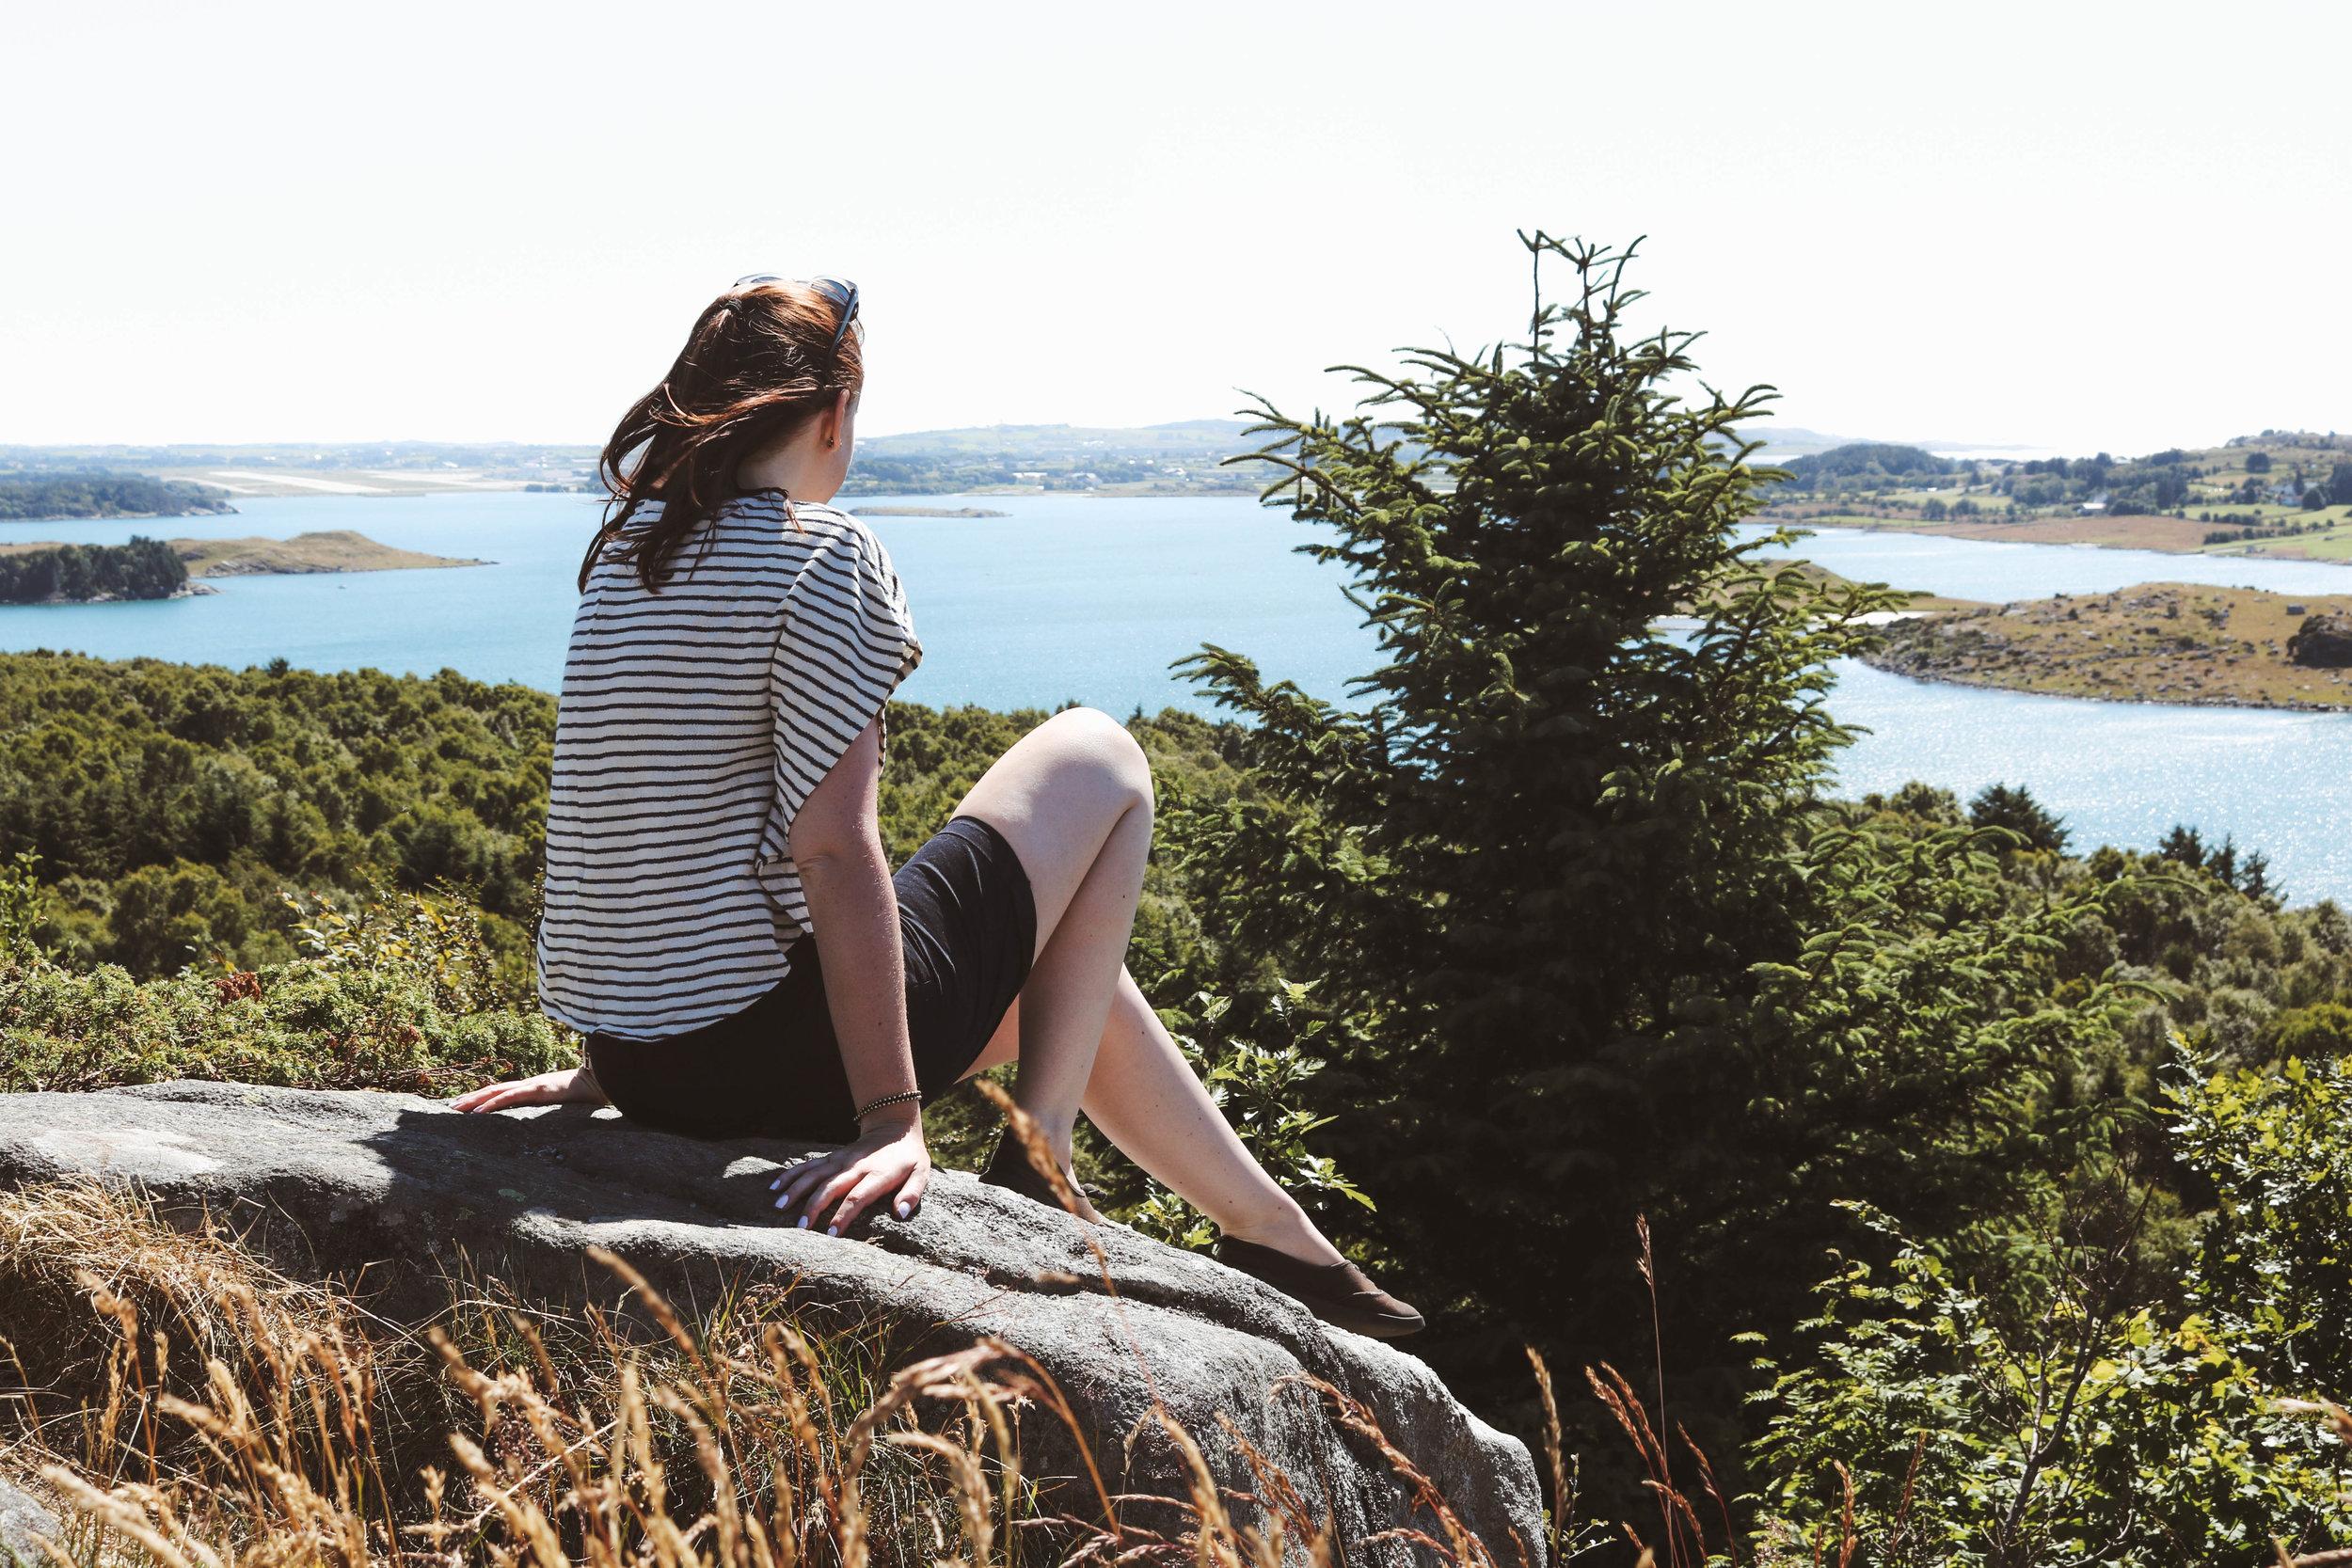 Overlooking Hafrsfjord in Stavanger